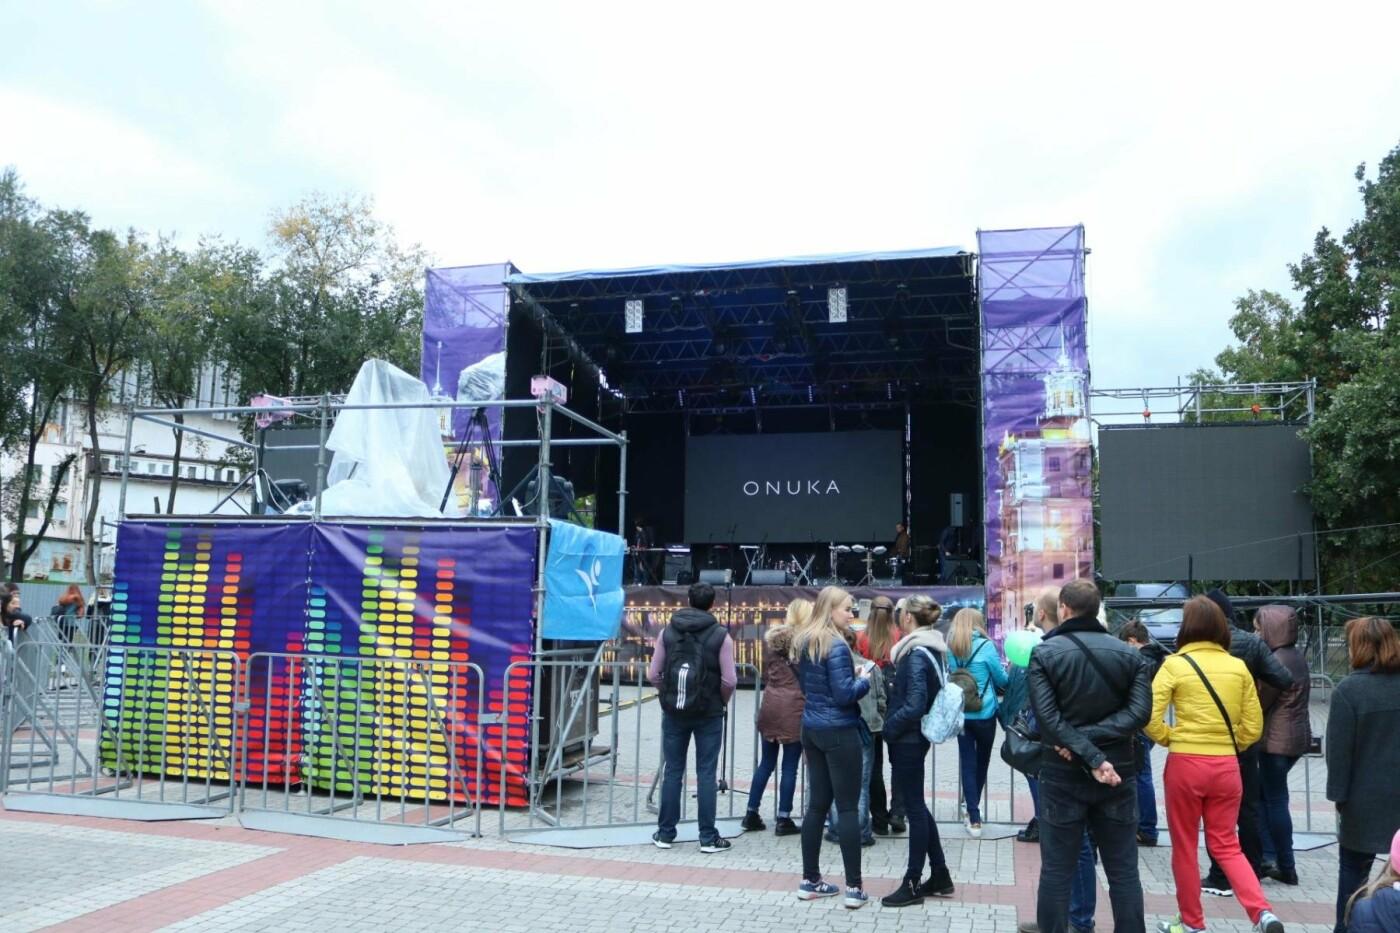 В парке Трудовой славы Onuka провела саундчек перед вечерним концертом, - ФОТО , фото-18